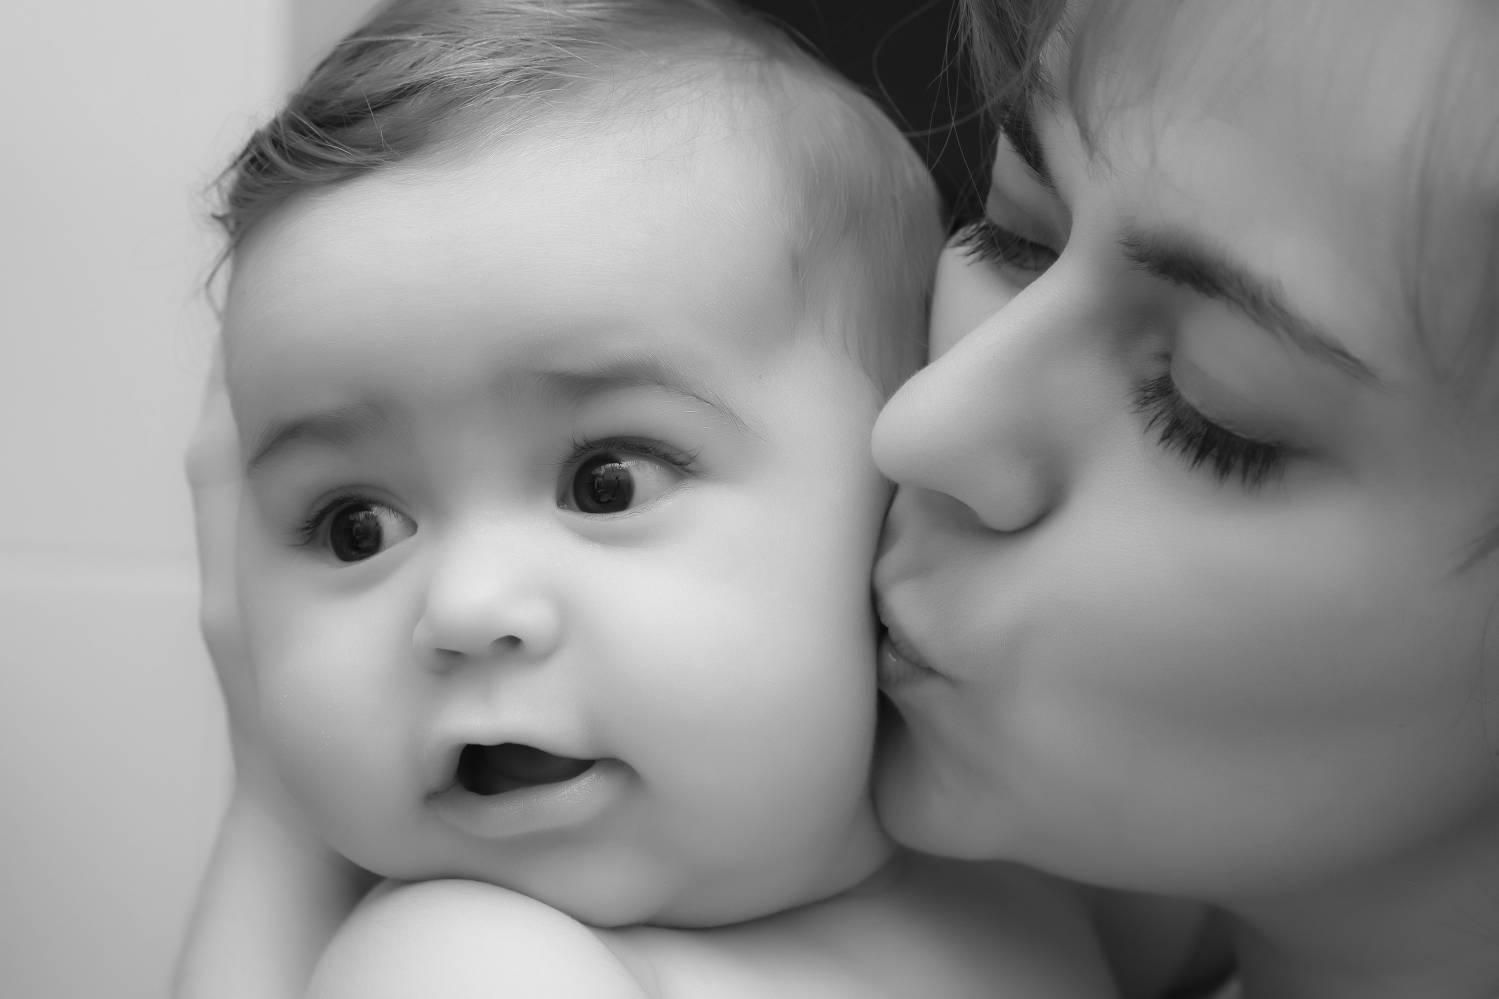 целовать ребенка